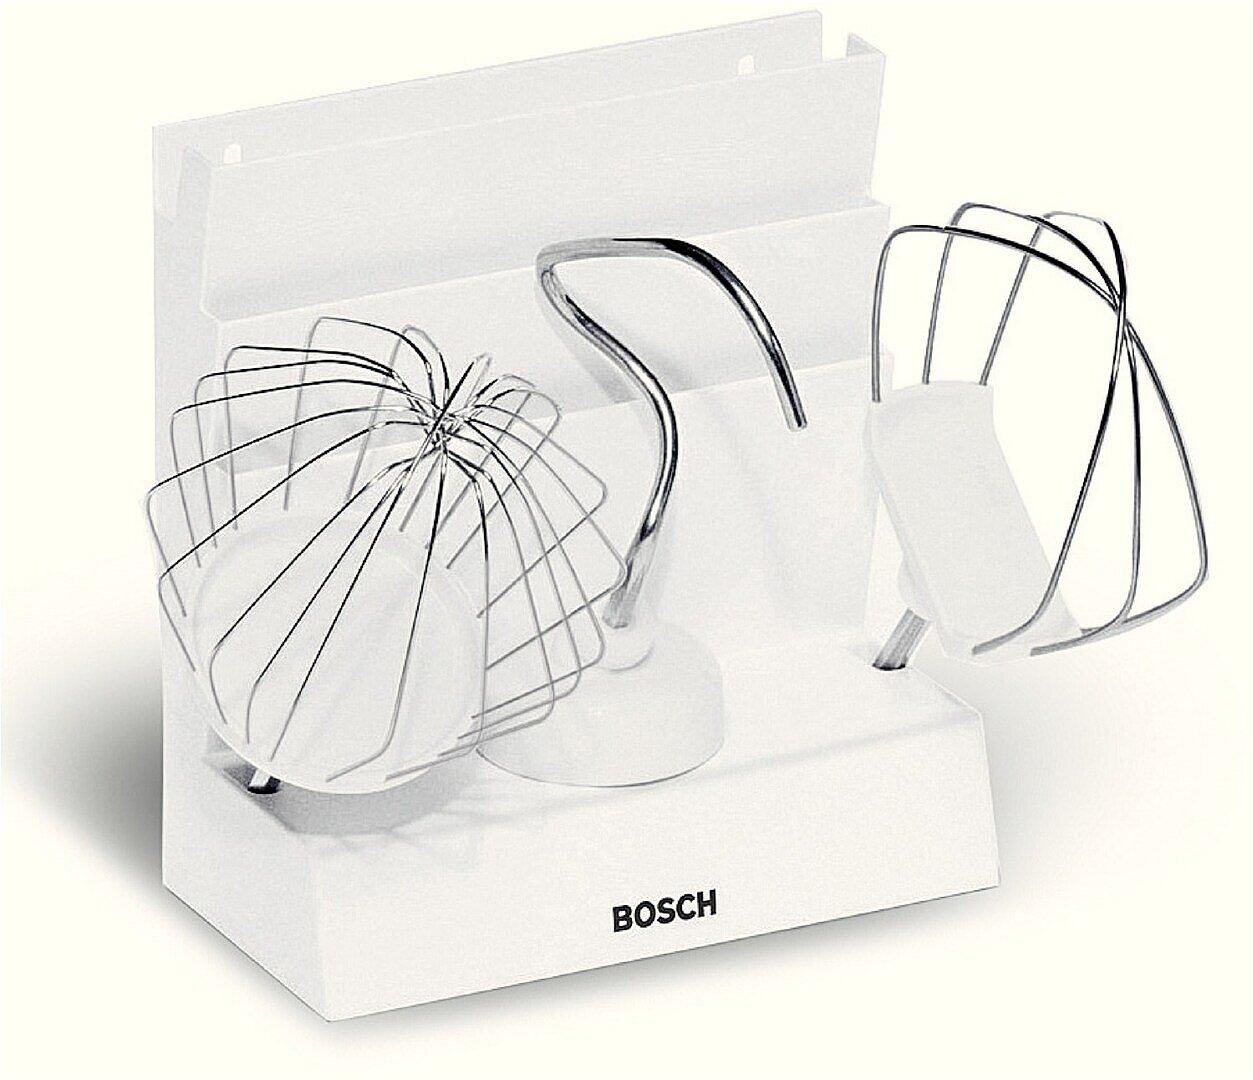 Bosch Küchenmaschine Mum 4835 2021